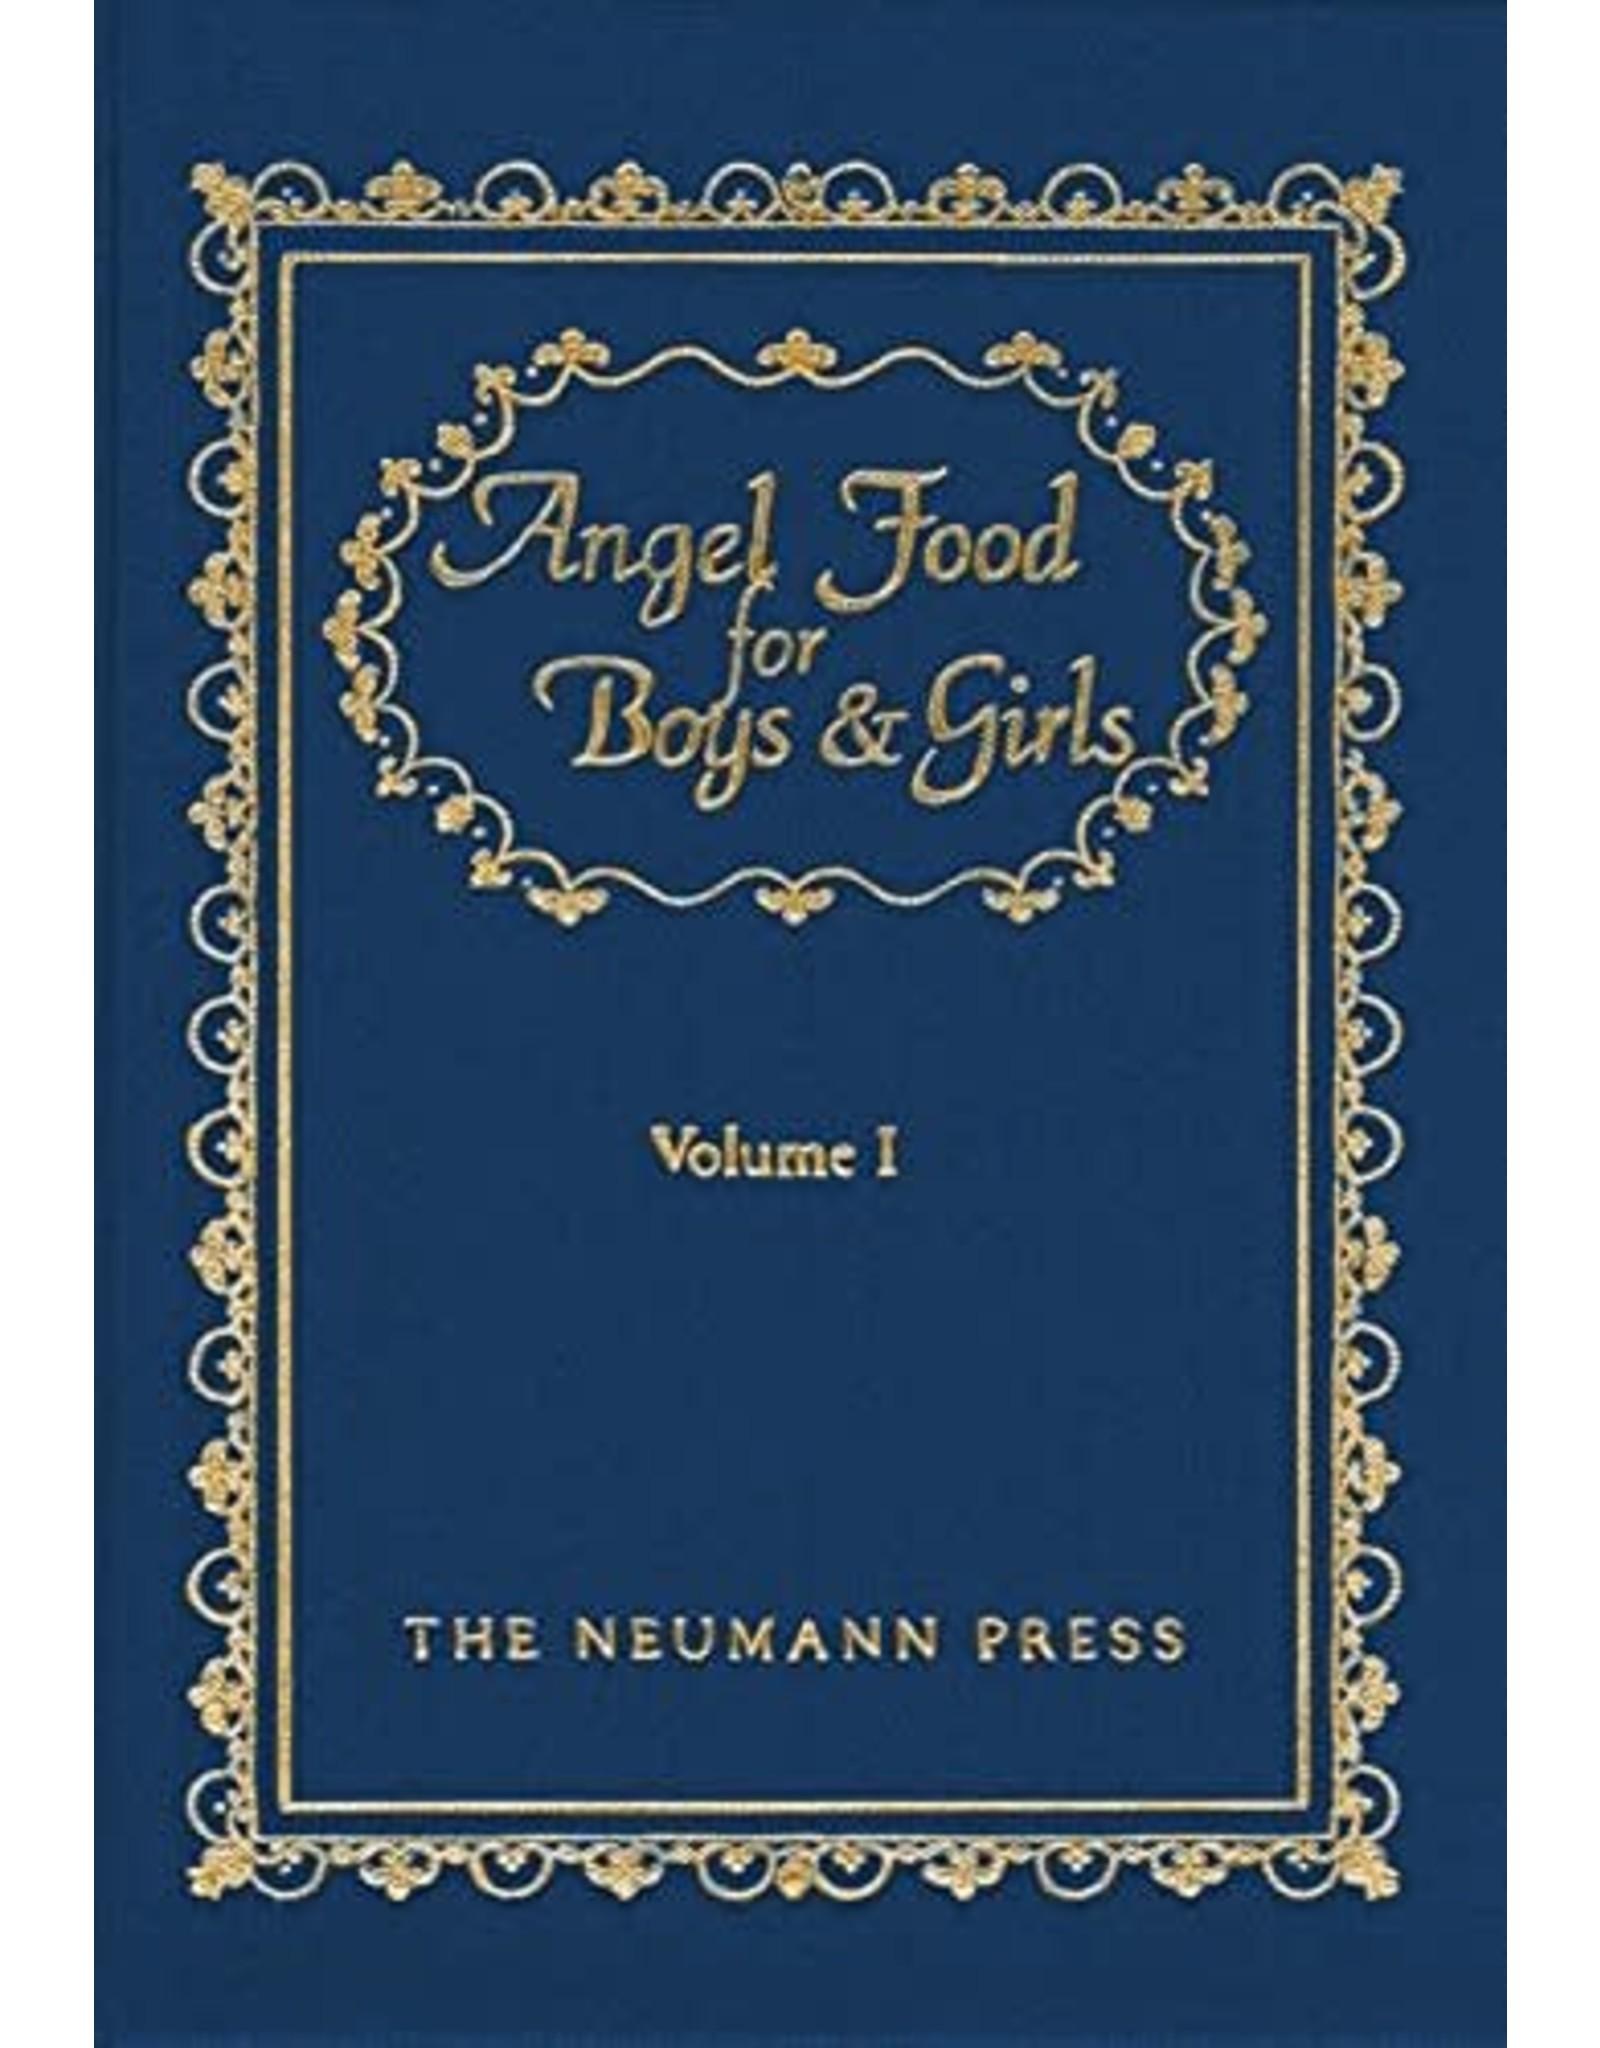 Neumann Press Angel Food for Boys & Girls: Volume I (Hardcover)